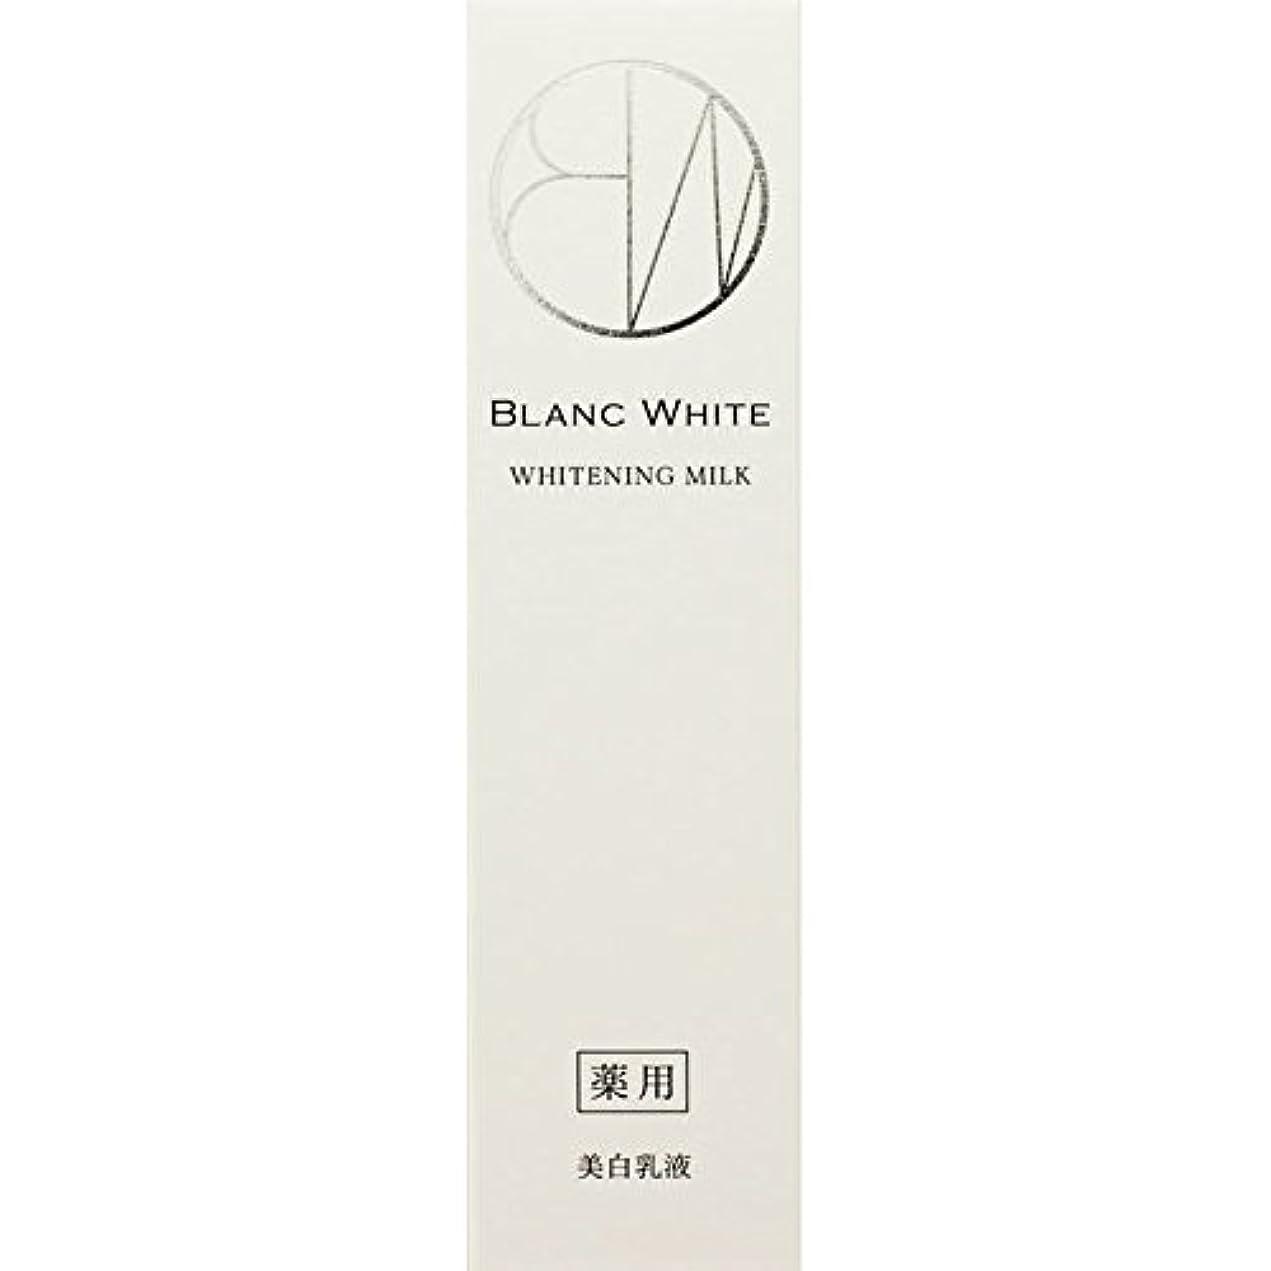 カプラーセンター結果としてブランホワイト ホワイトニングミルク 125ml (医薬部外品)